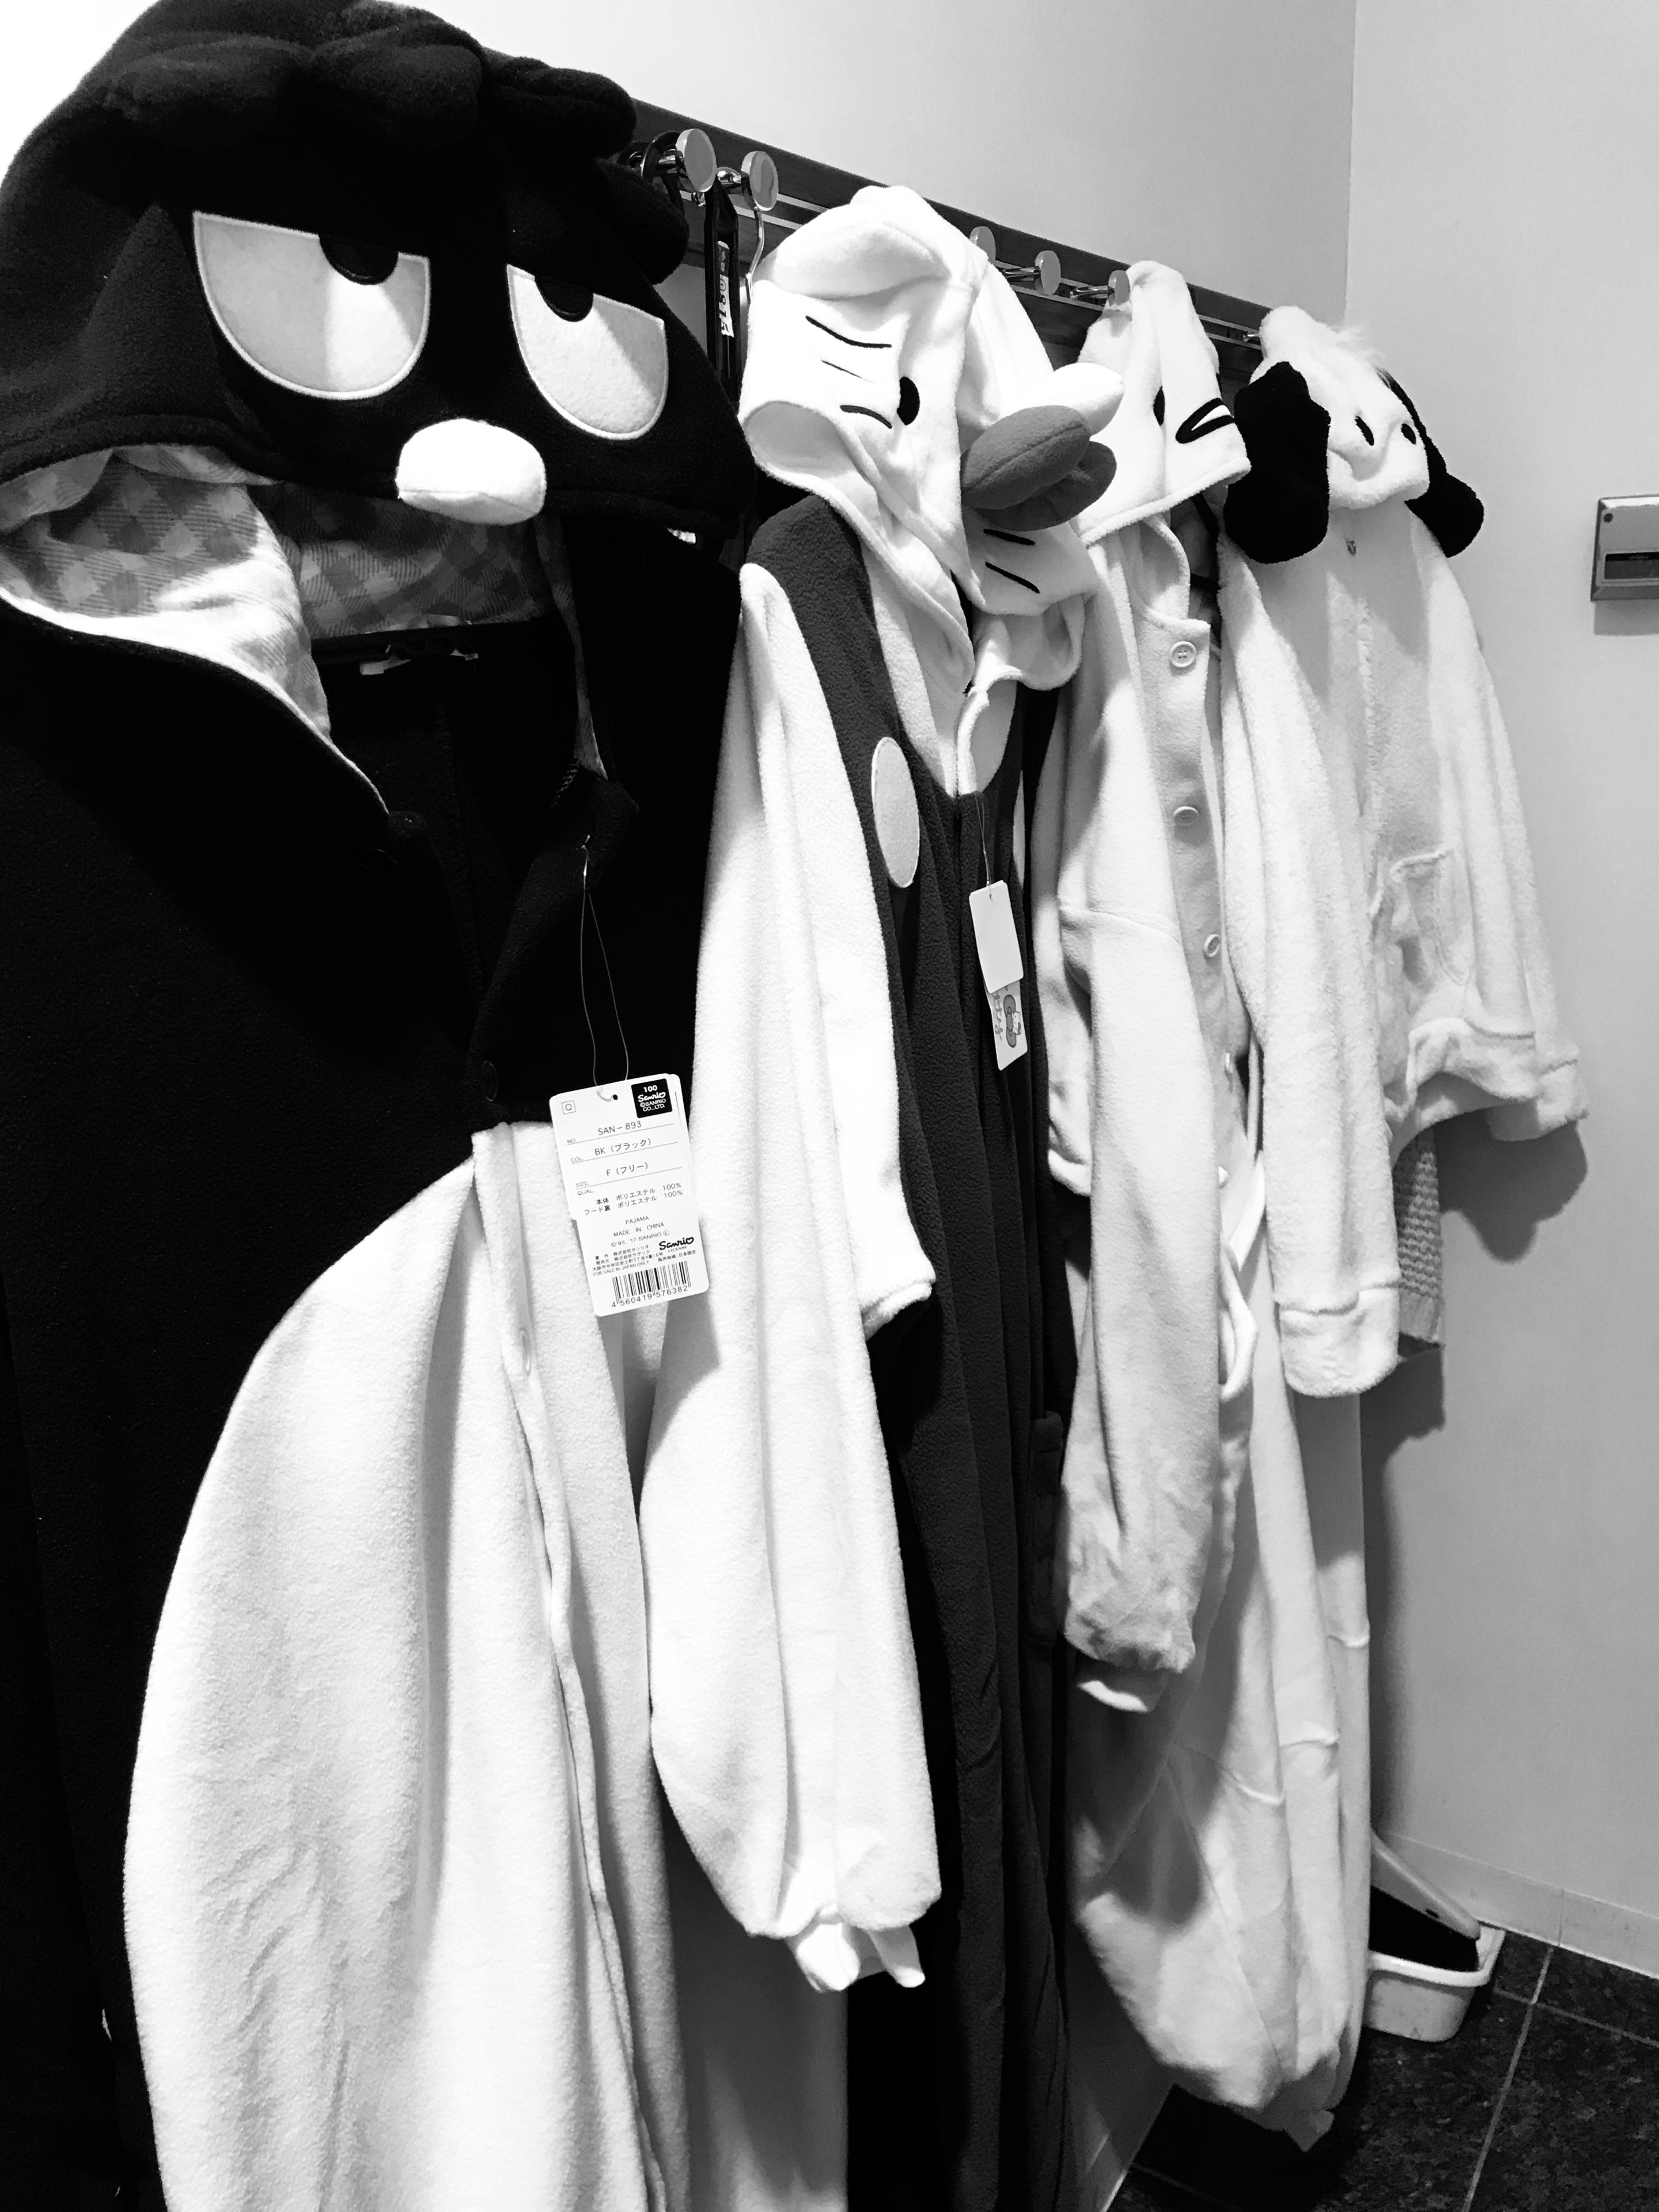 ハロウィン イベント 美容室 アートラッシュ 多摩センター 仮装 サンリオ